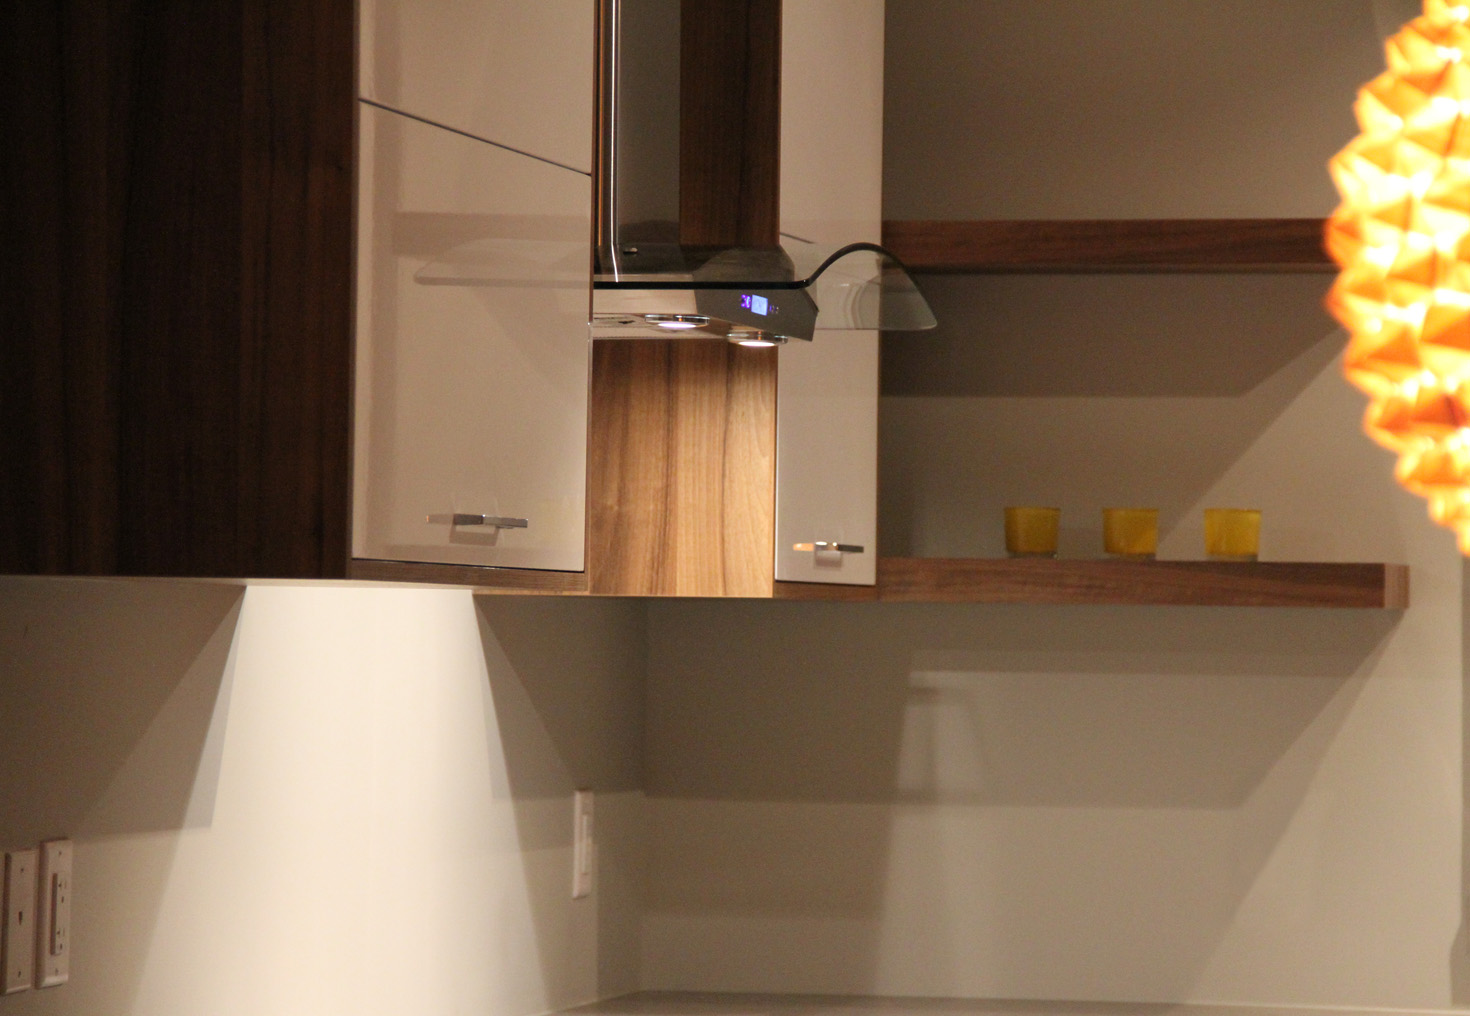 Armoires de cuisine thermoplastique et mélamine4250